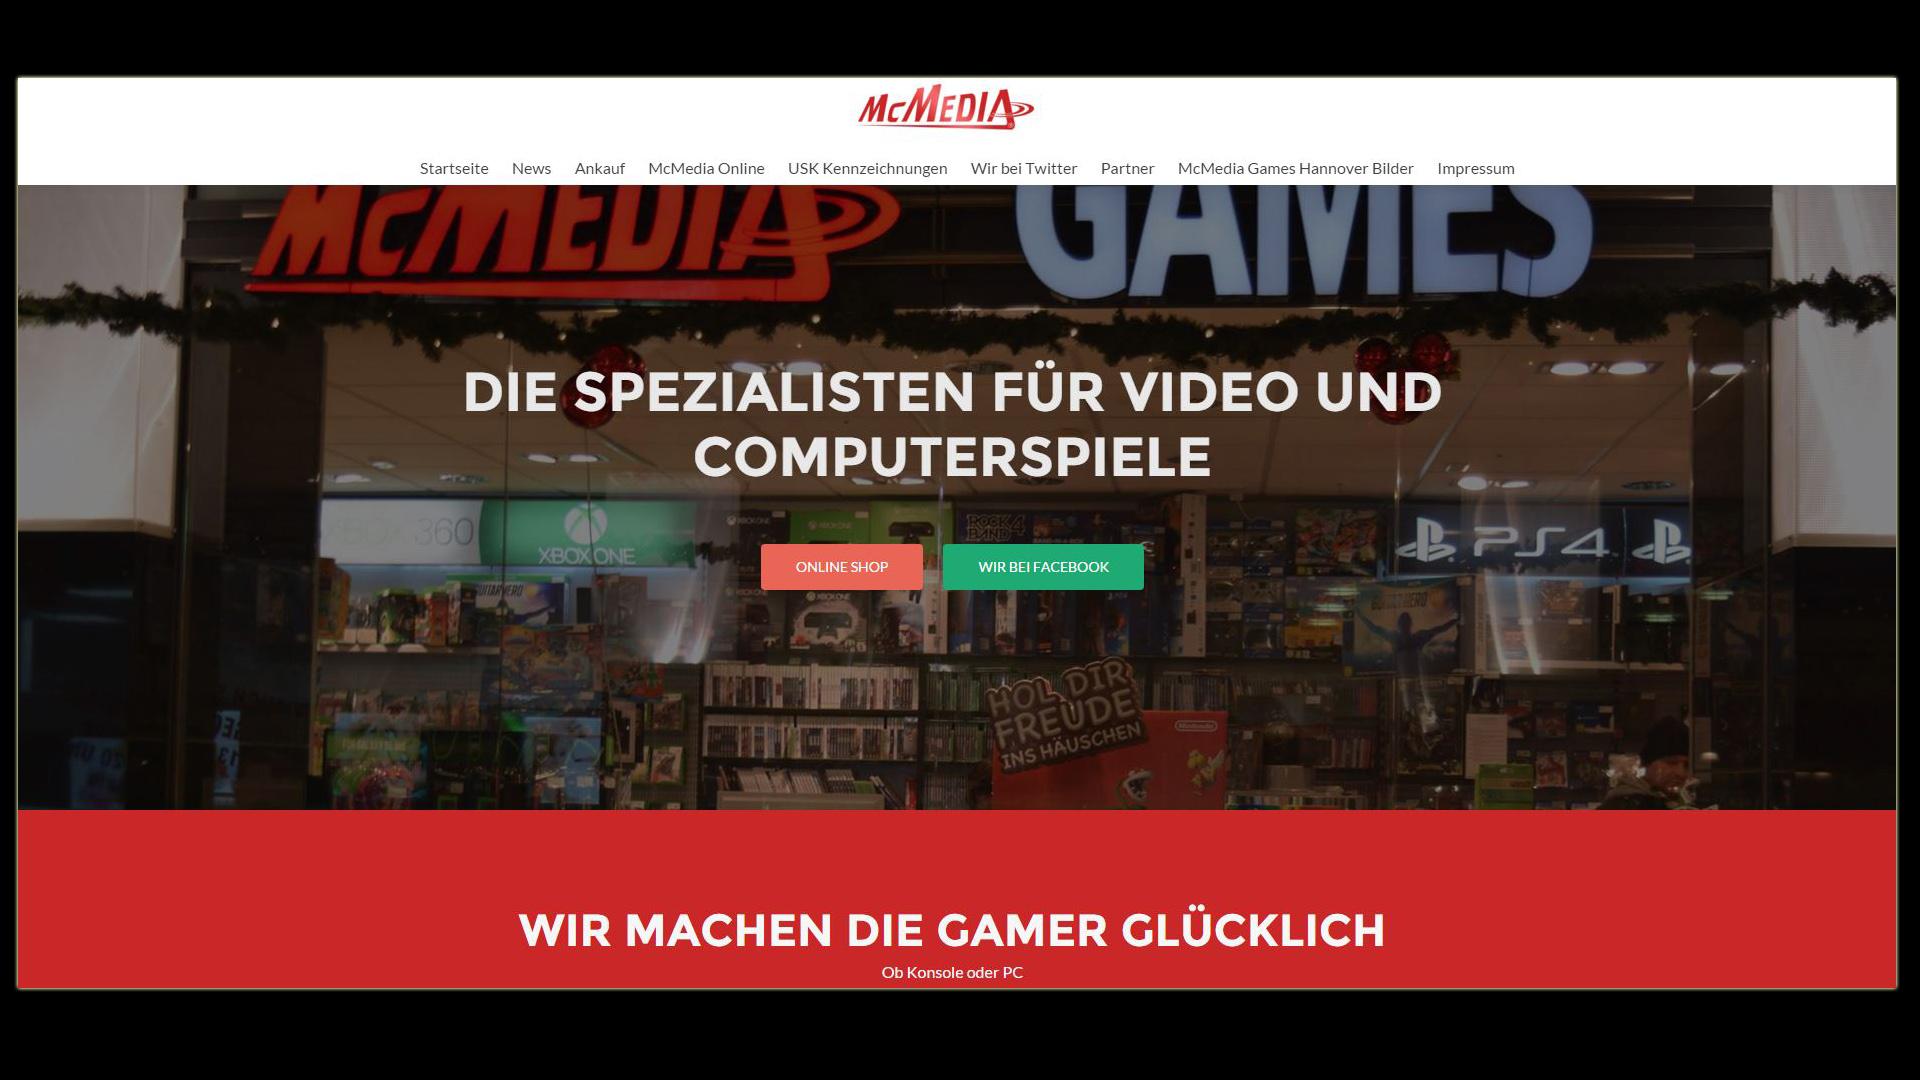 McMedia Games Hannover - Die Spezialisten für Video und Computerspiele